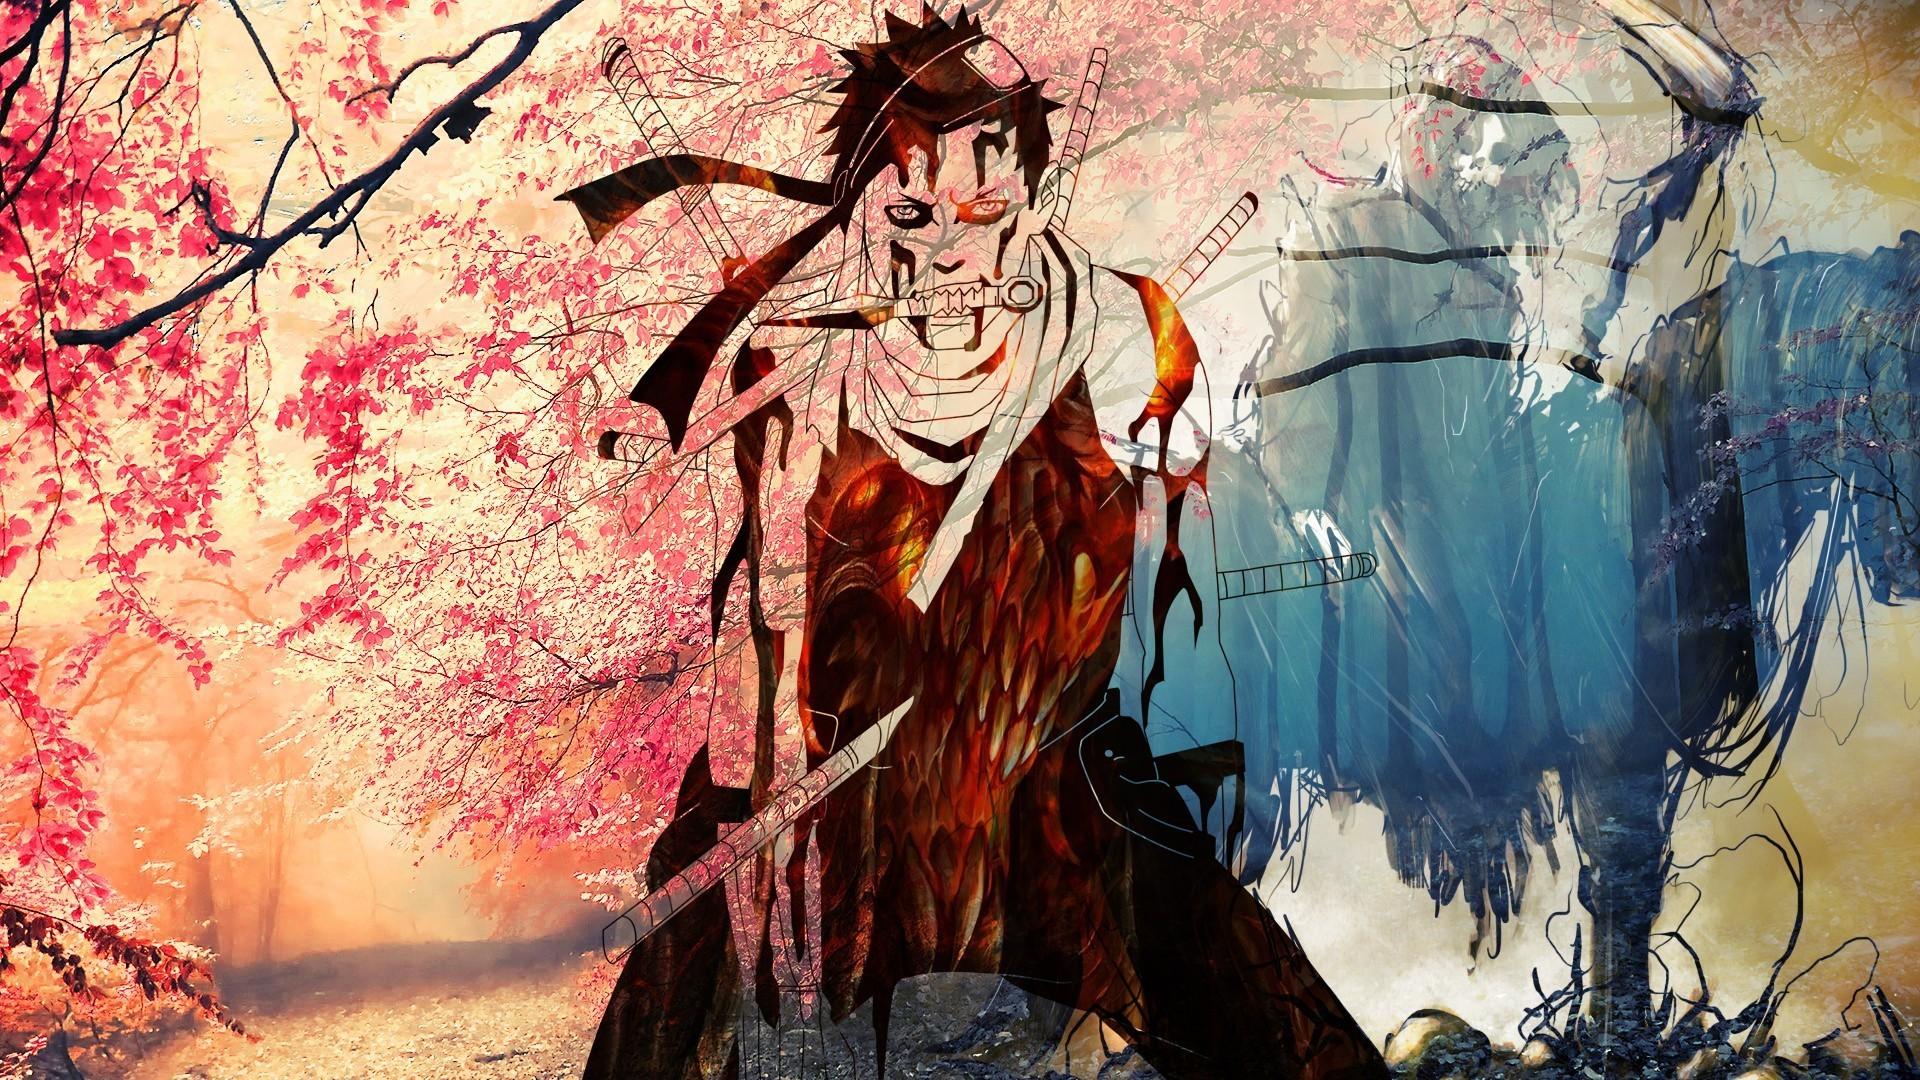 Zabuza Momochi Wallpaper (49+ images) Zabuza Momochi Wallpaper